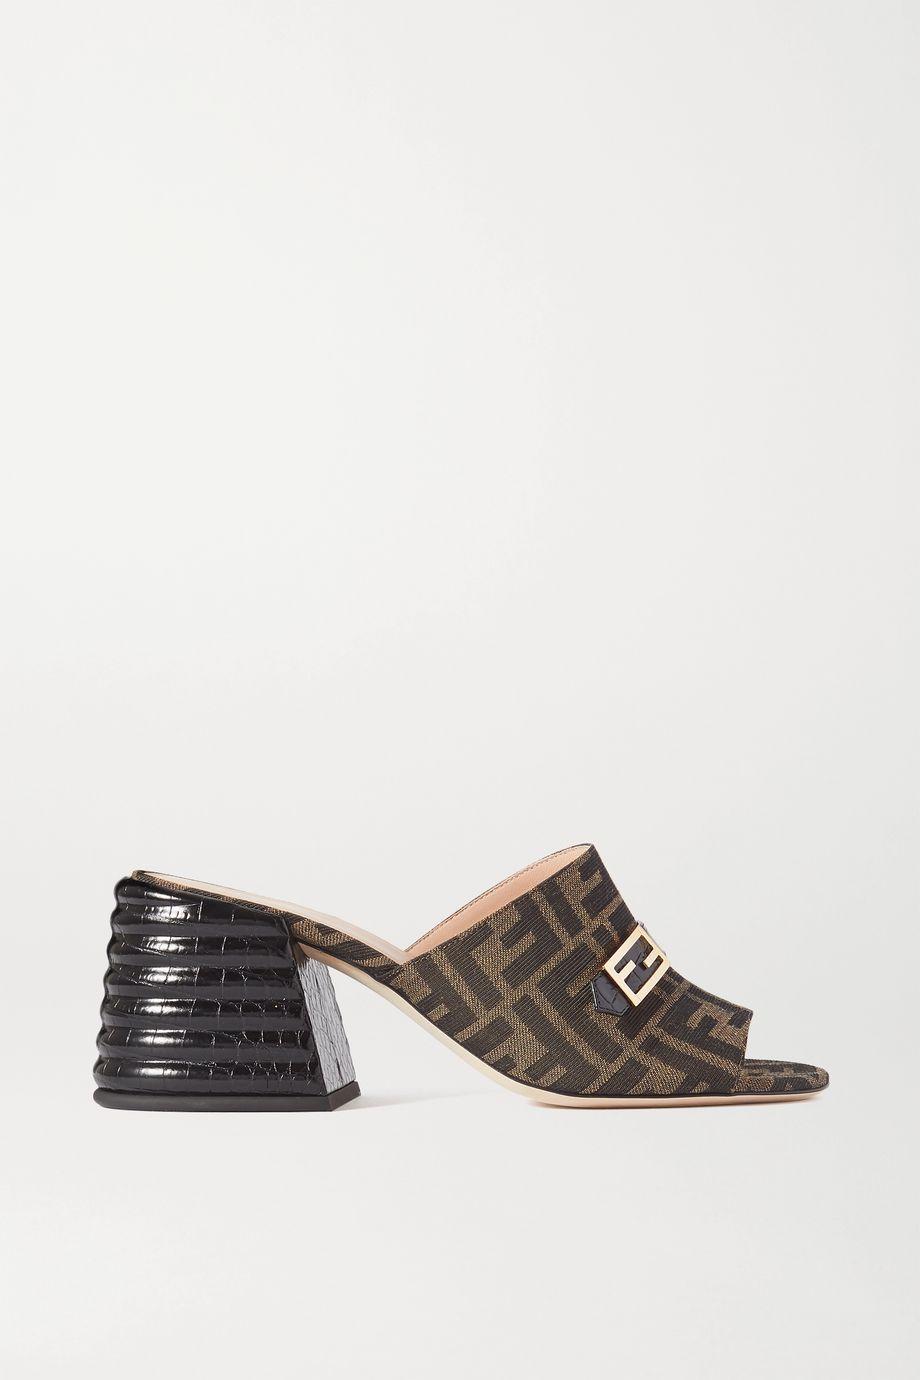 Fendi Promenade 仿鳄鱼纹皮革帆布穆勒鞋